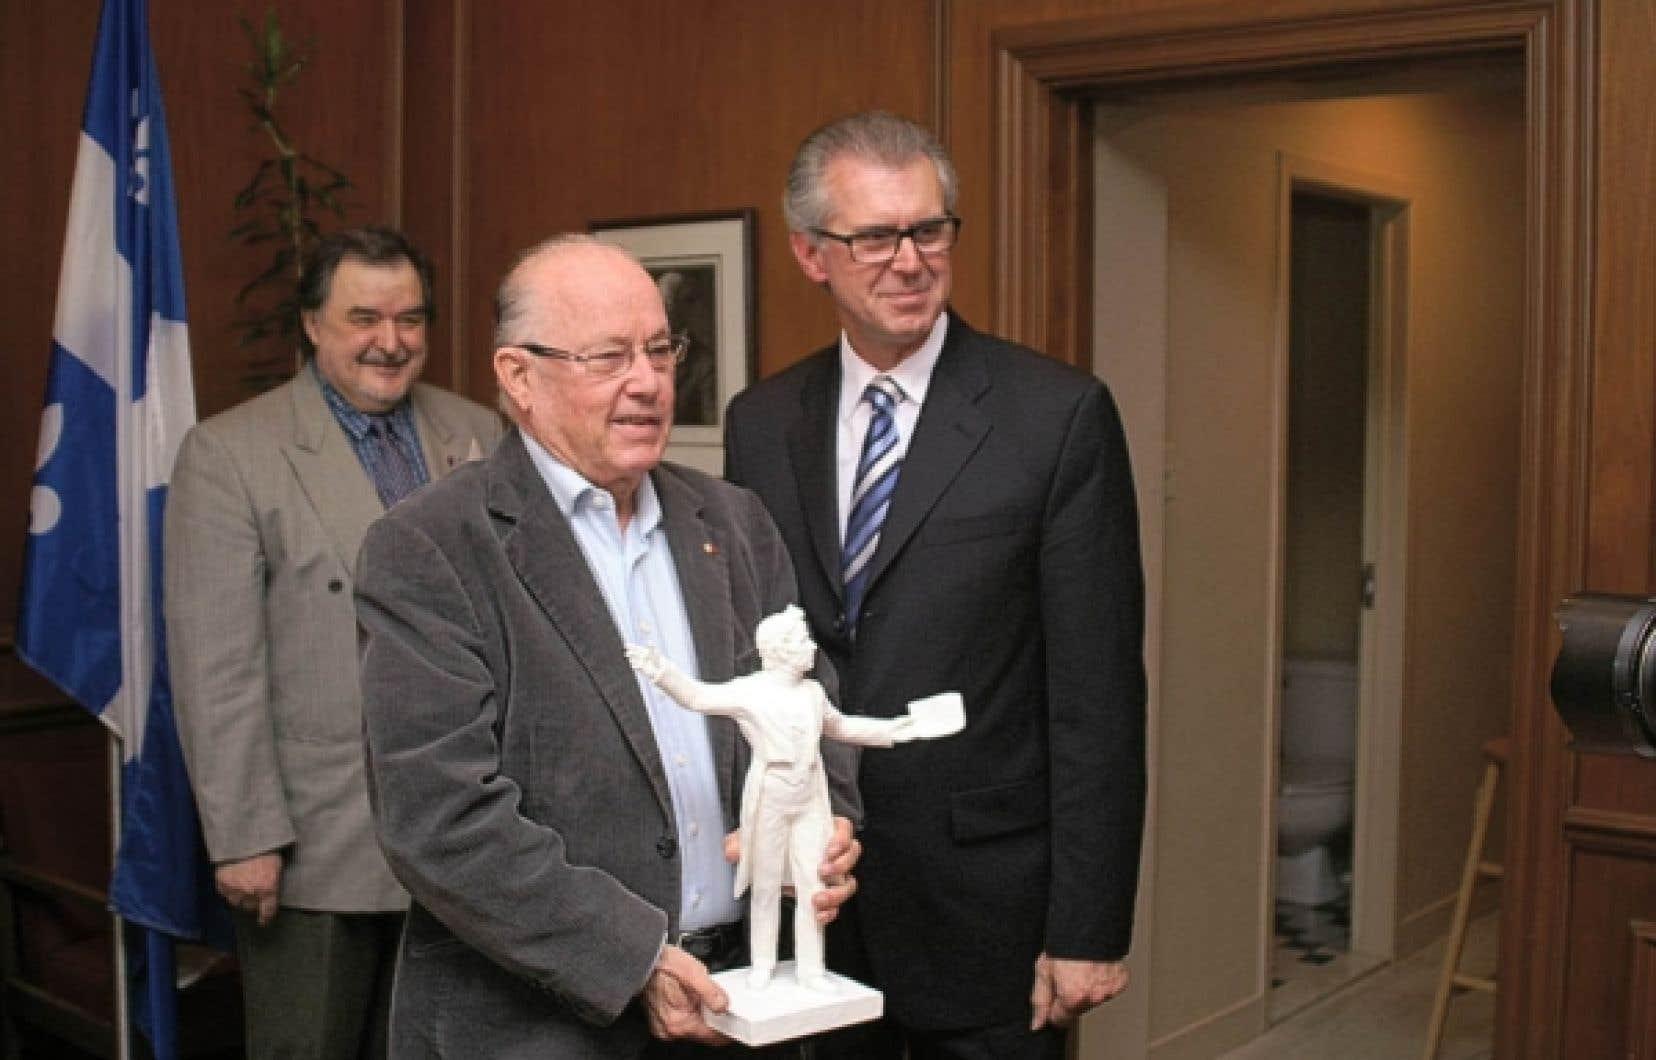 L'ex-premier ministre Bernard Landry, en compagnie de Benoît Roy (à droite) et de Gilles Rhéaume, respectivement président et membre du Comité du mémorial.<br />